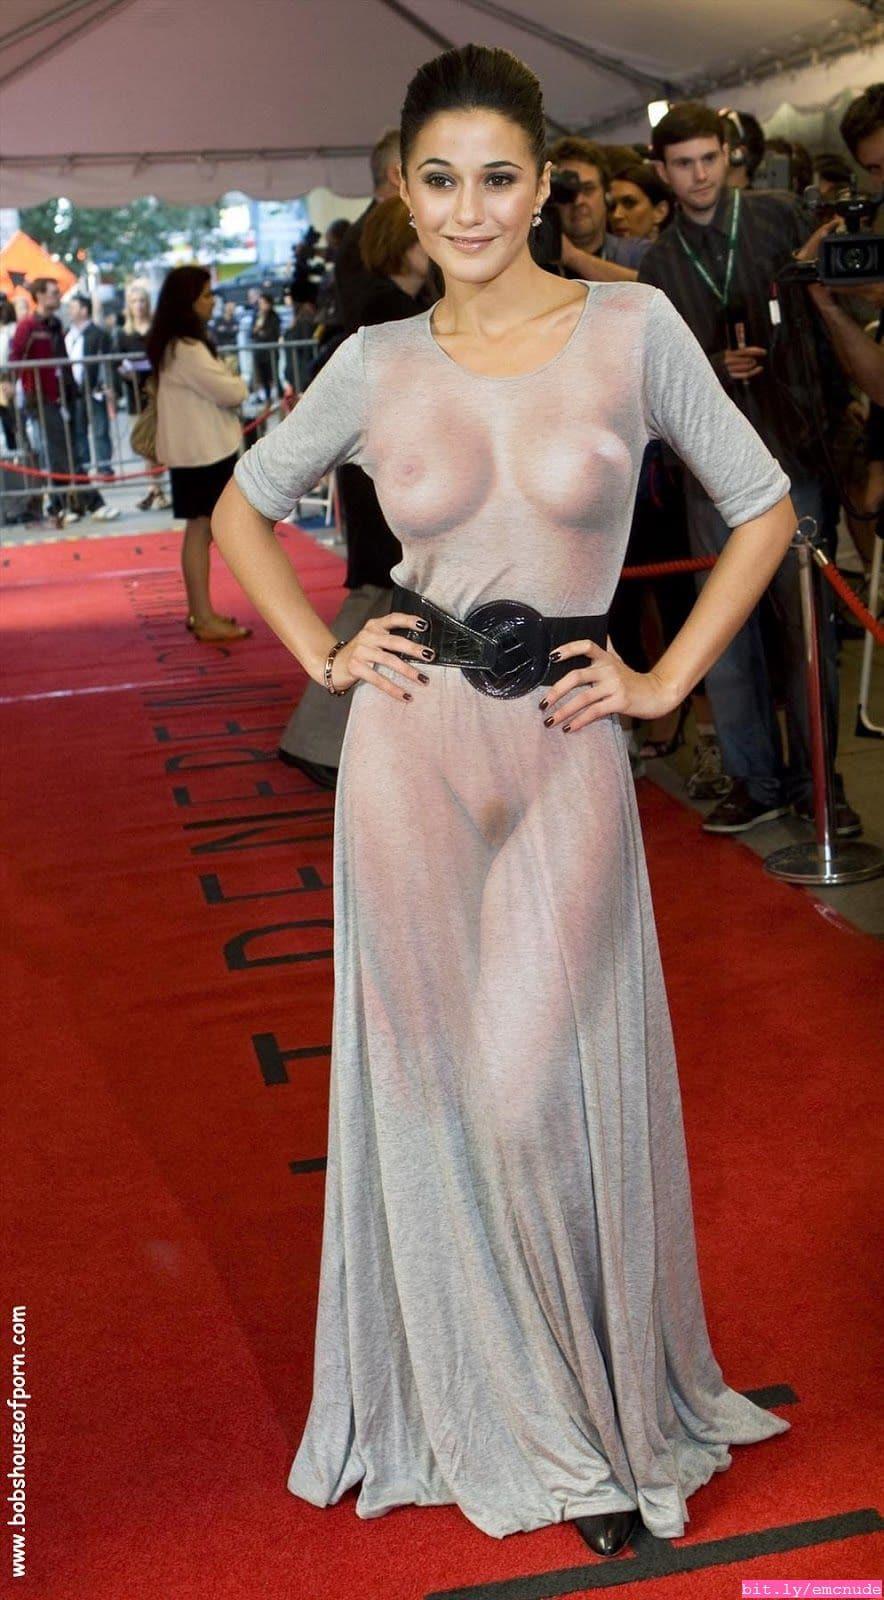 Megan thee stallion topless